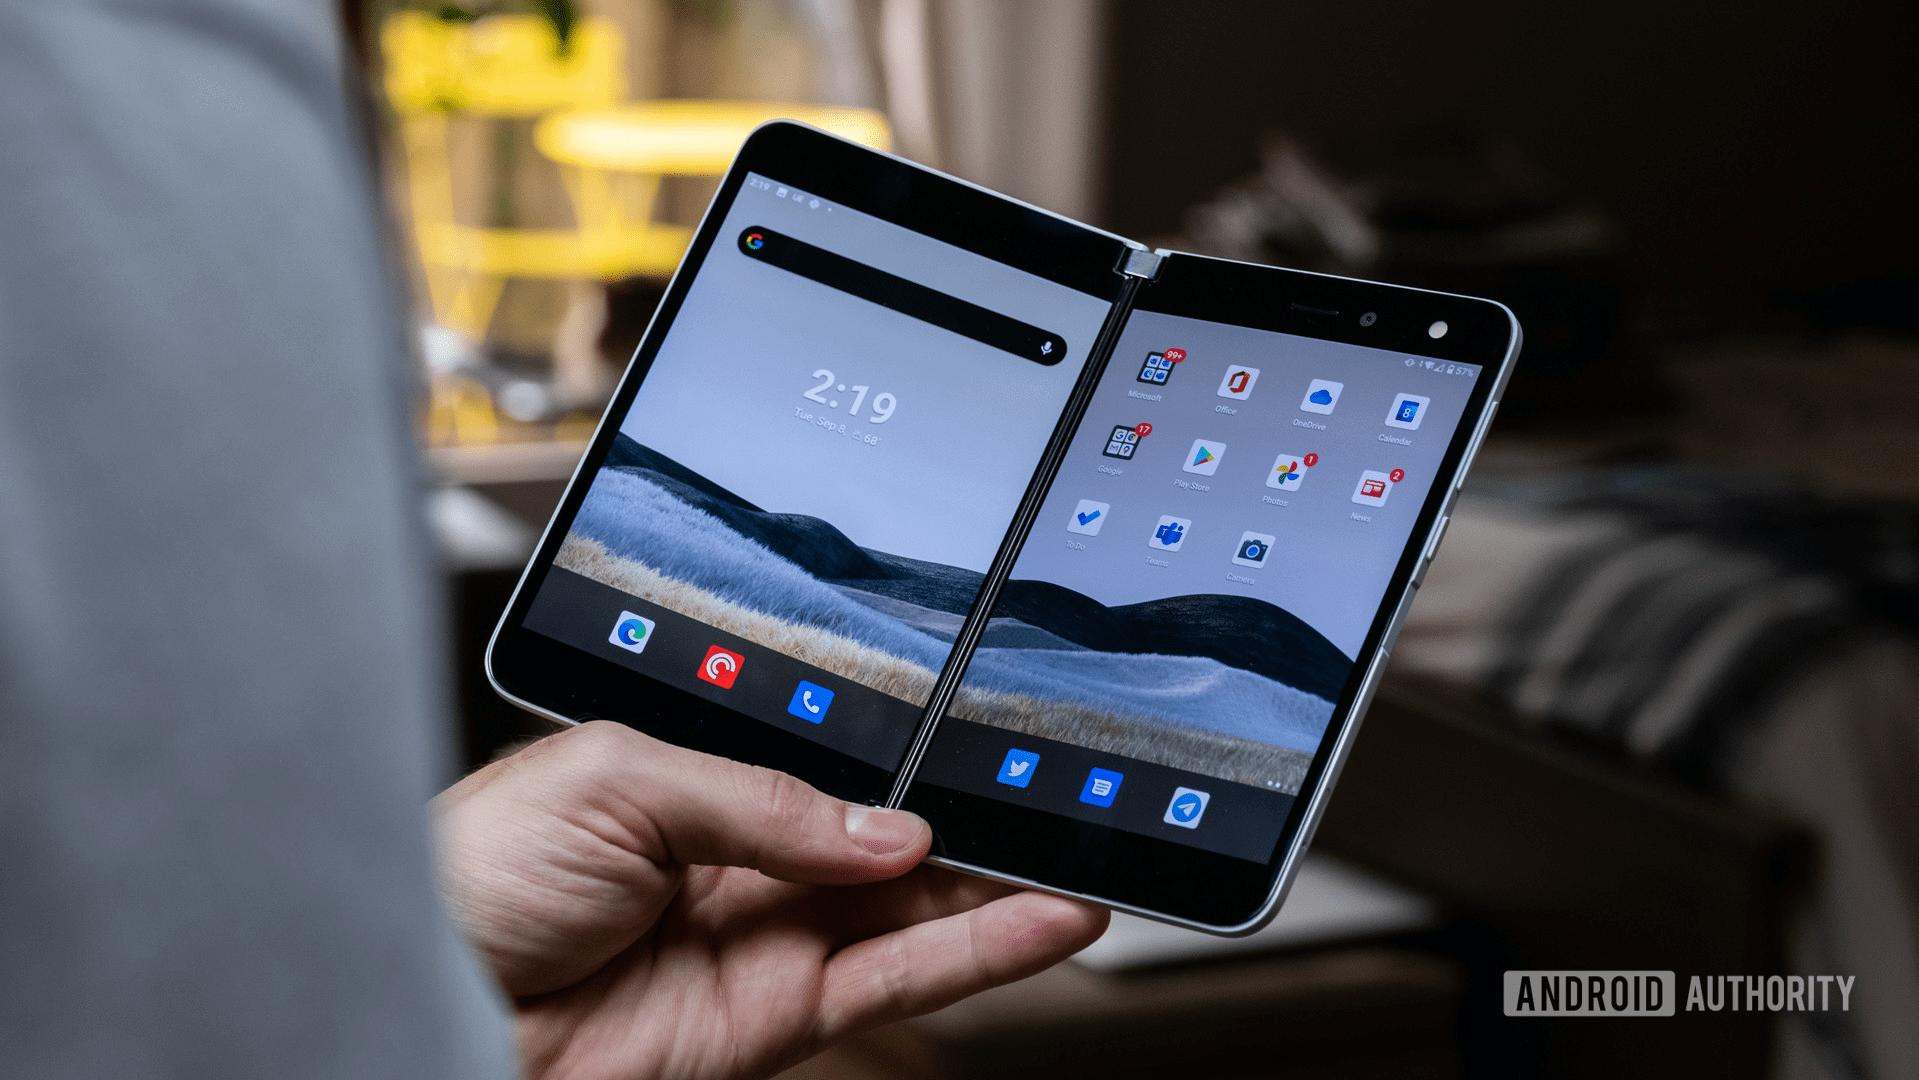 Thông tin về Surface Duo 2: Thiết kế đầu tiên của Surface Duo nhận được đánh giá tích cực từ người dùng (Nguồn: Android Authority)